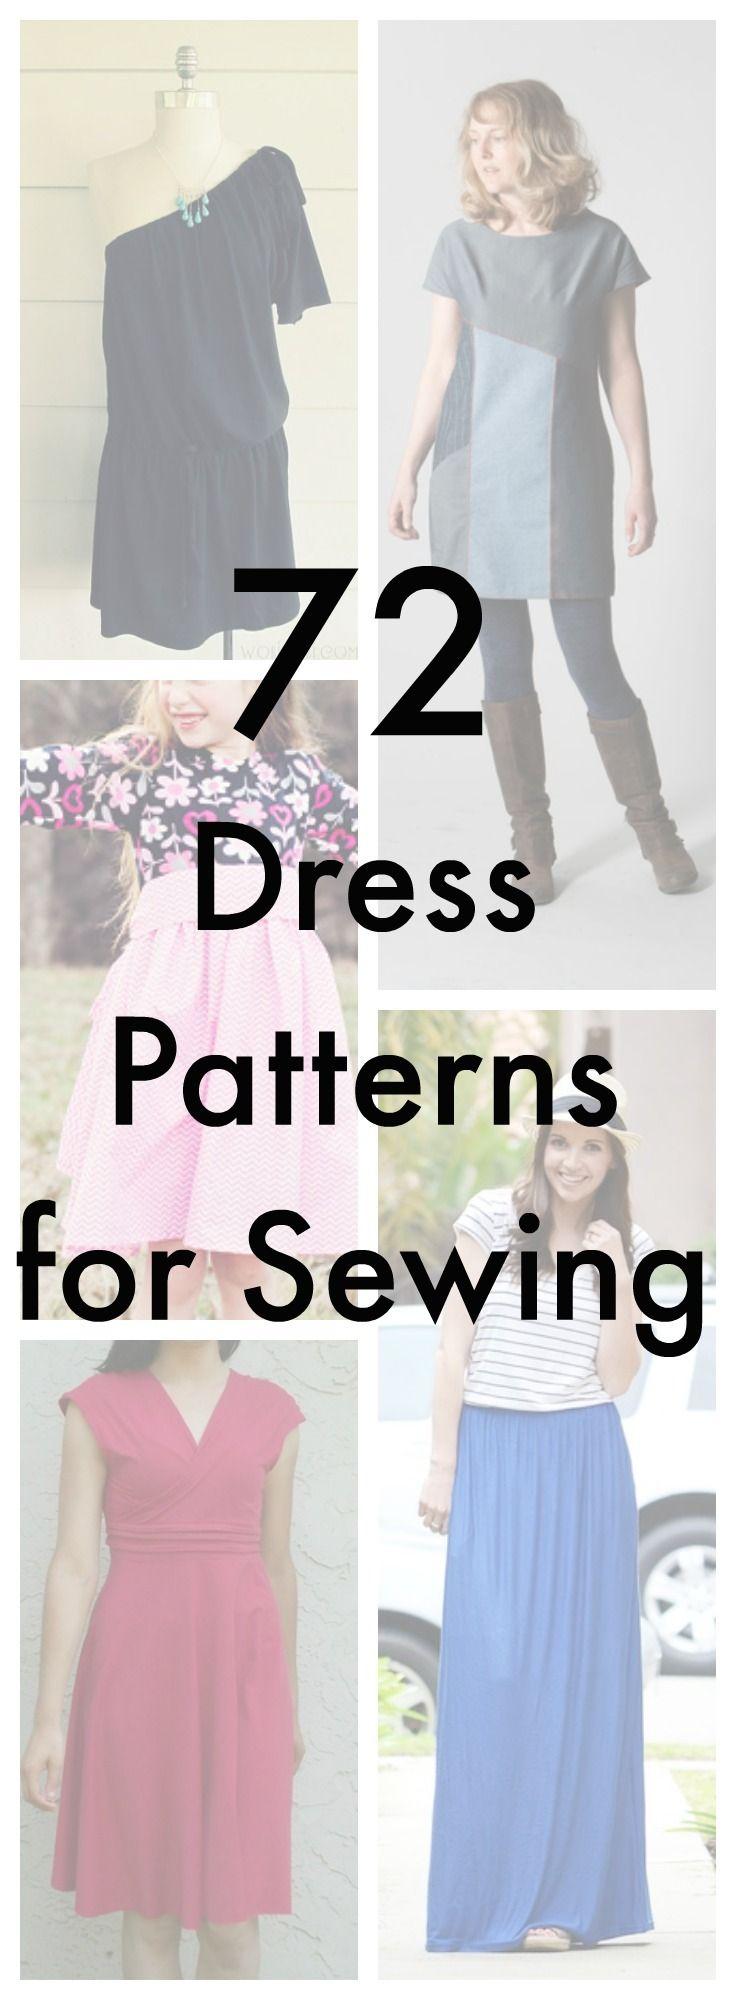 75+ Free Dress Patterns for Sewing | Patrones de vestidos, Patrones ...